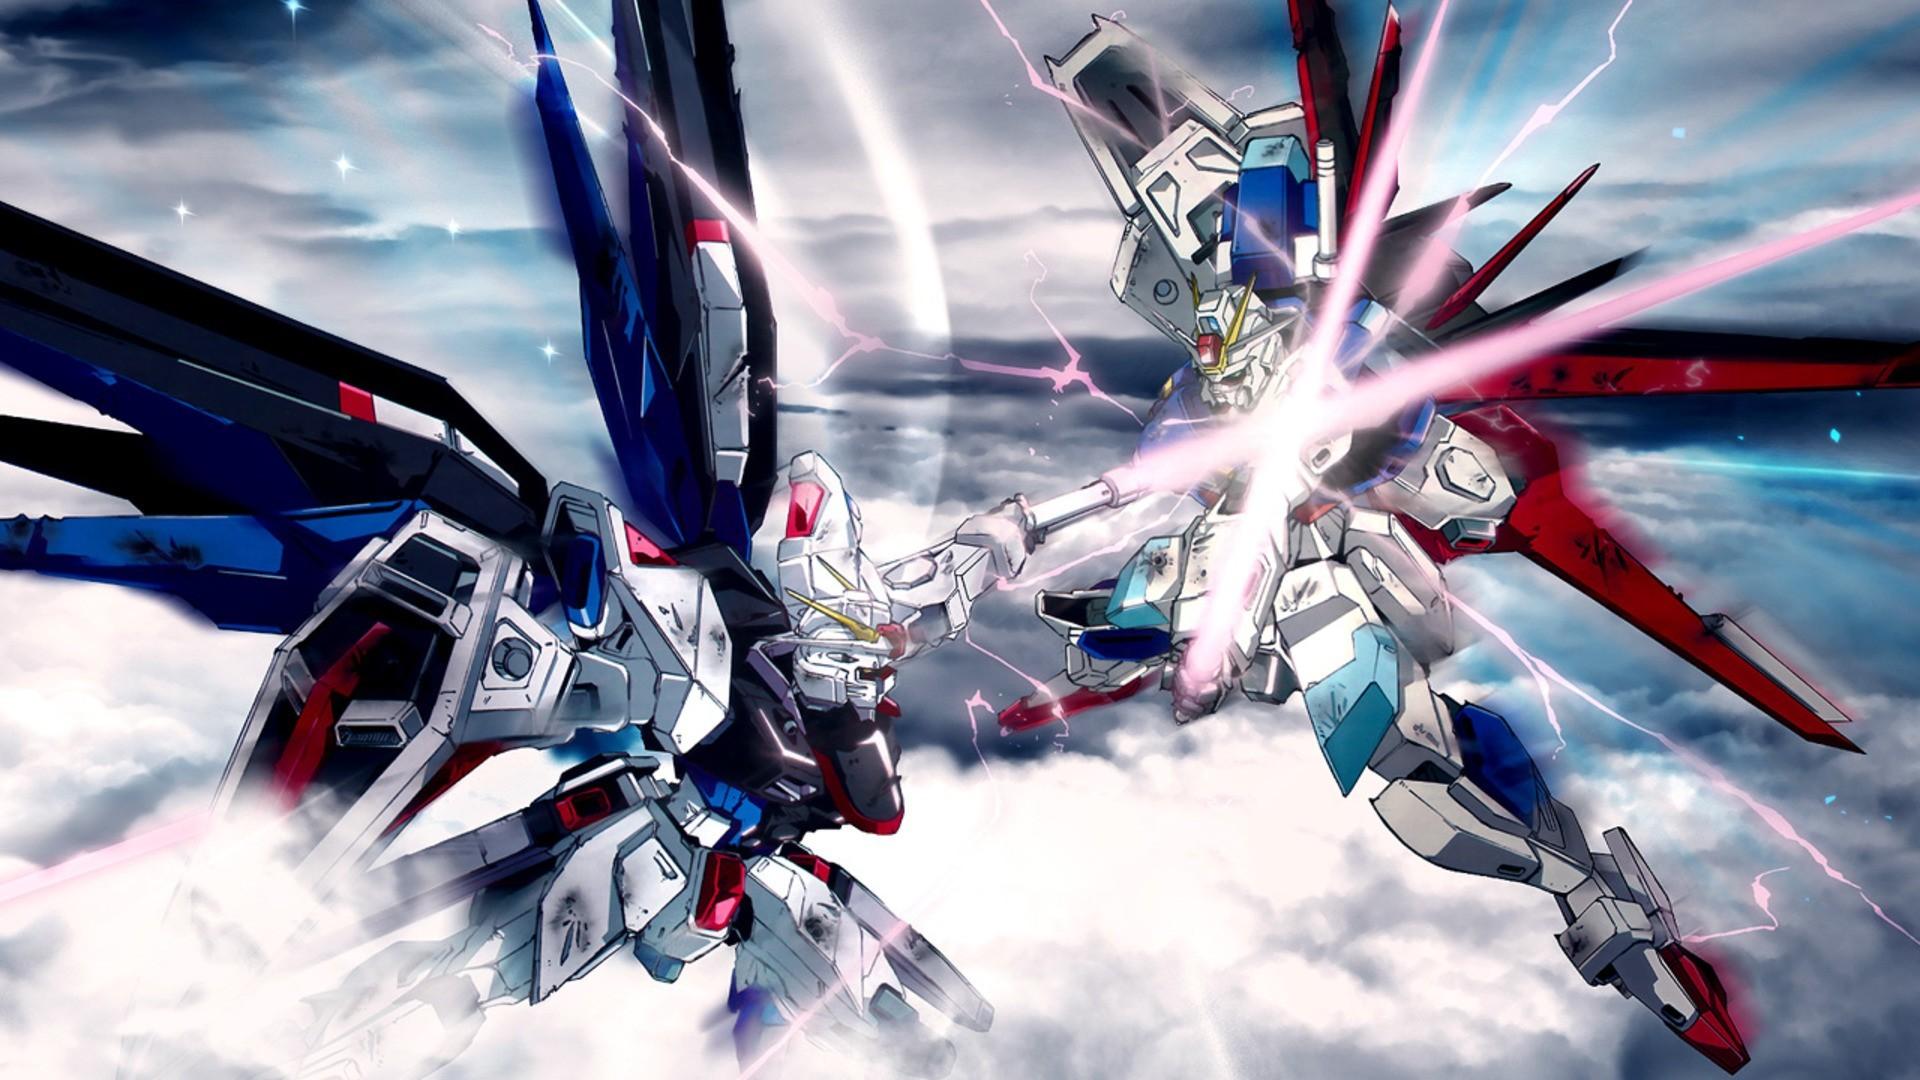 Gundam Seed Wallpapers Best HD Desktop Wallpapers Widescreen 1920x1080